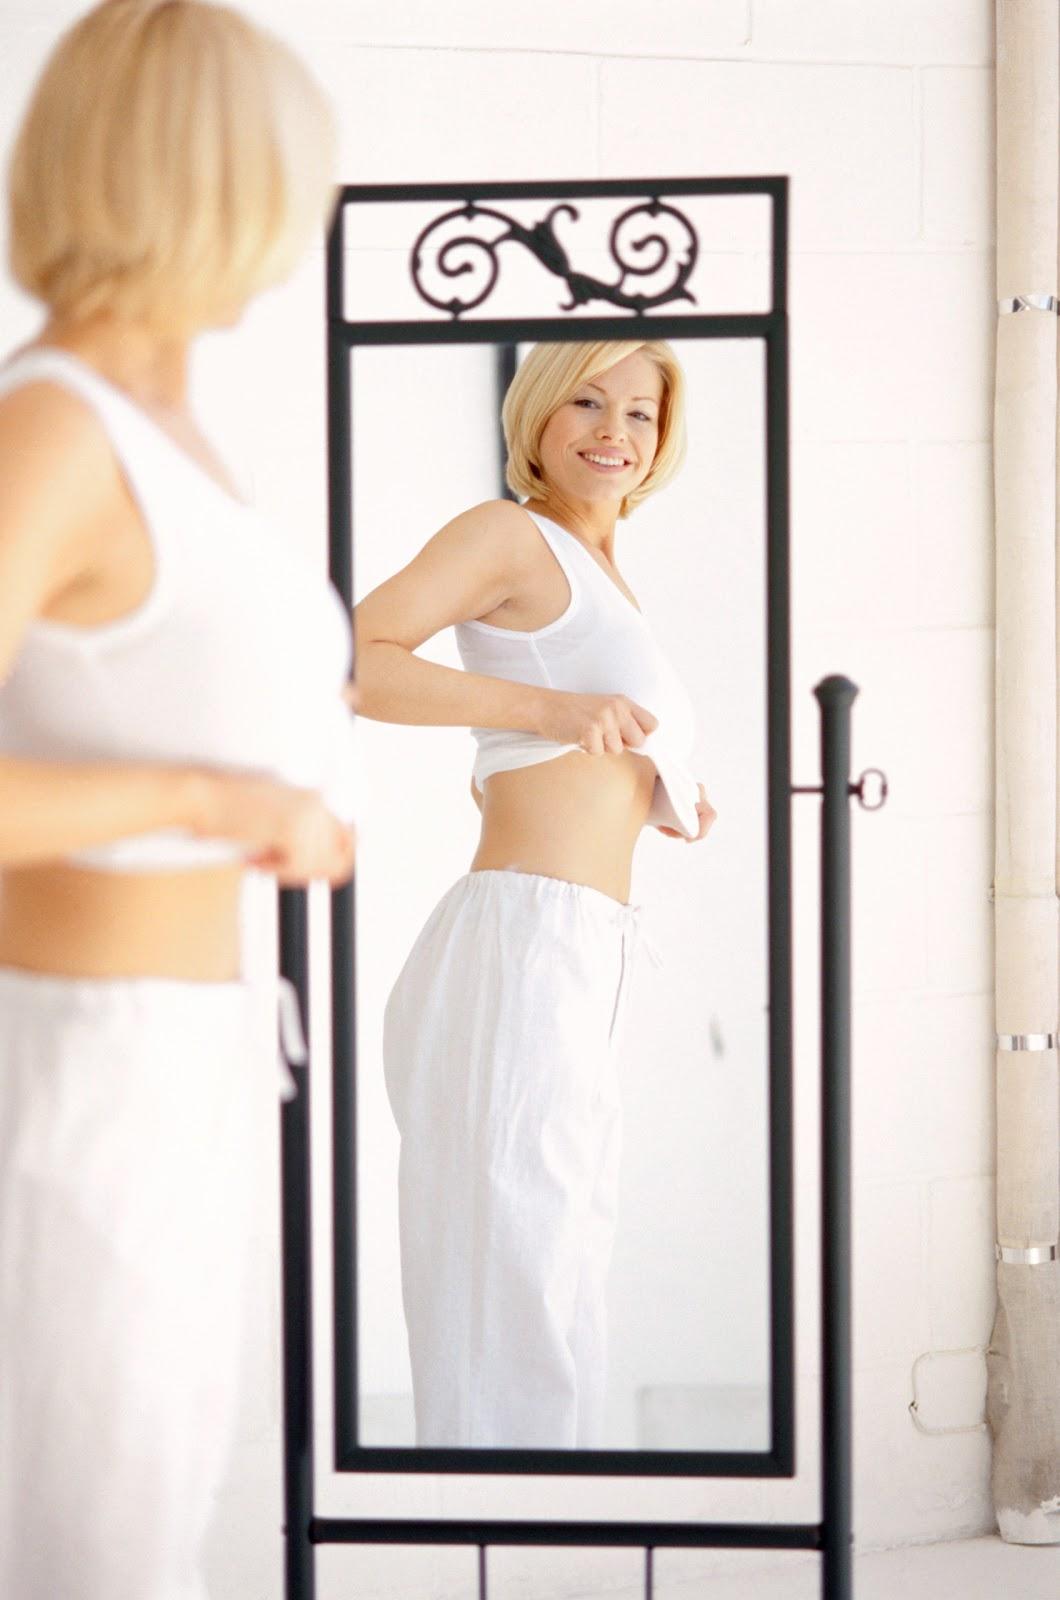 худеем после гормональных таблеток